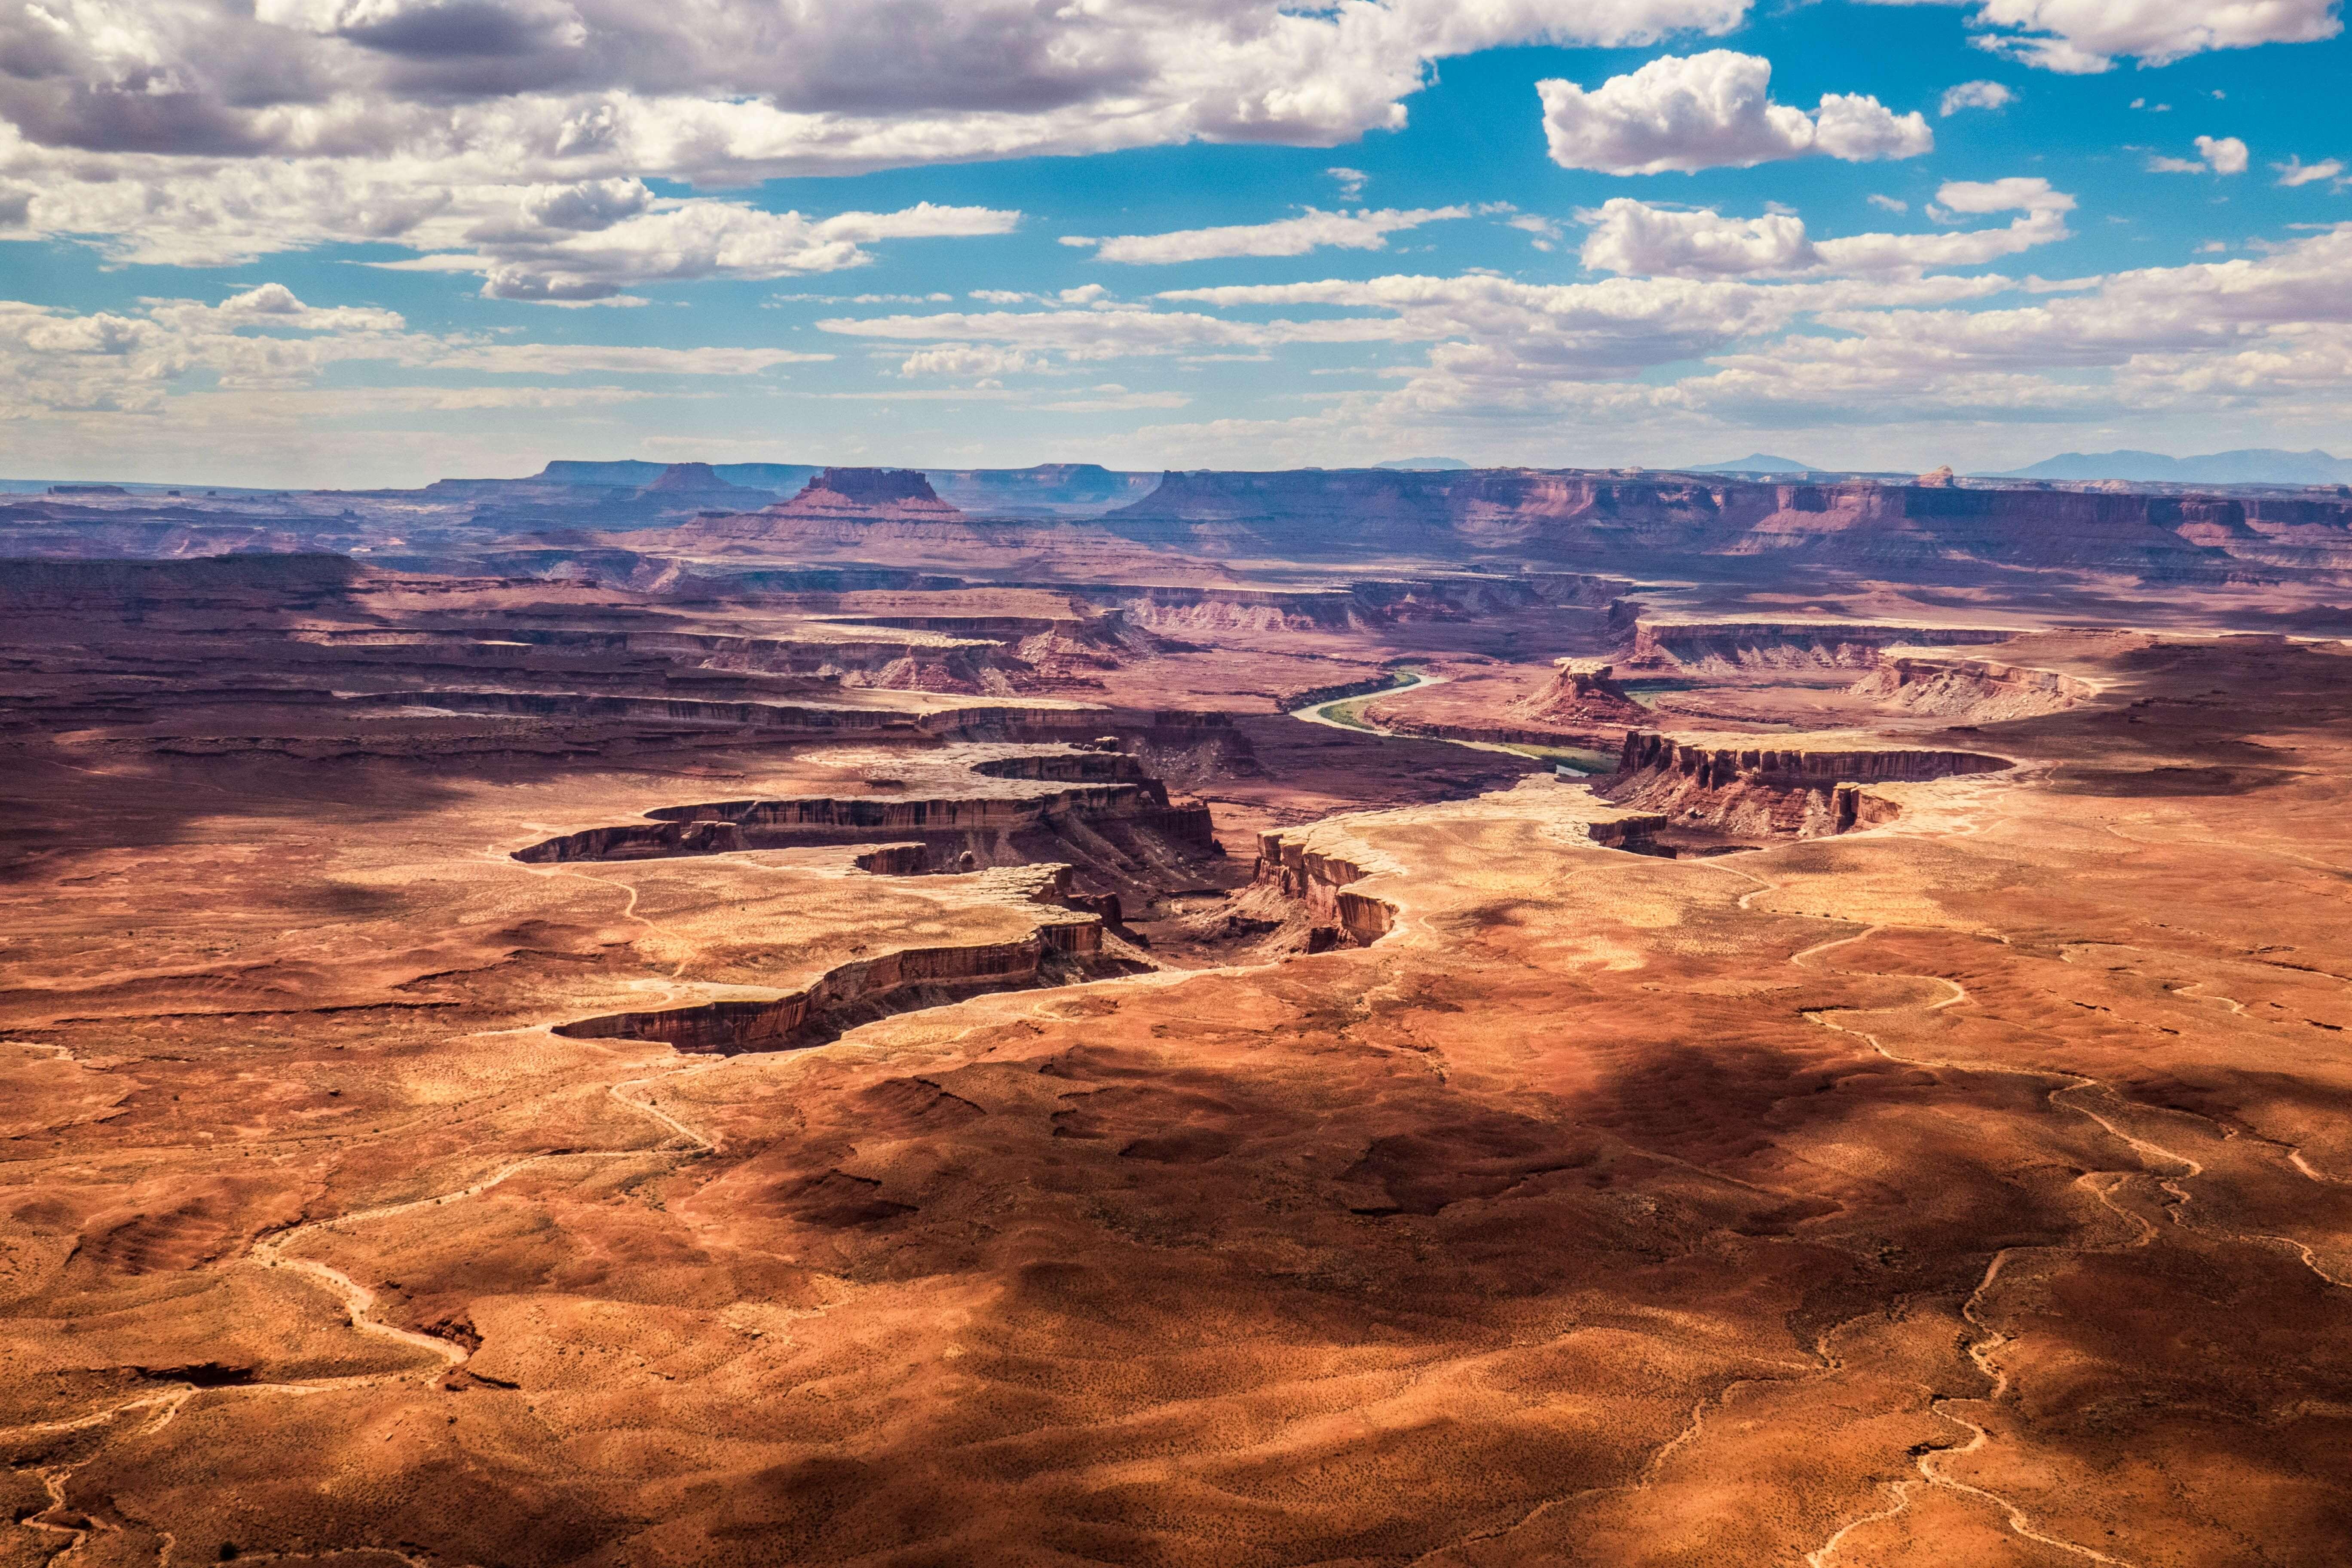 Vue sur depuis le parc national de Canyonlands à Moab dans l'Utah